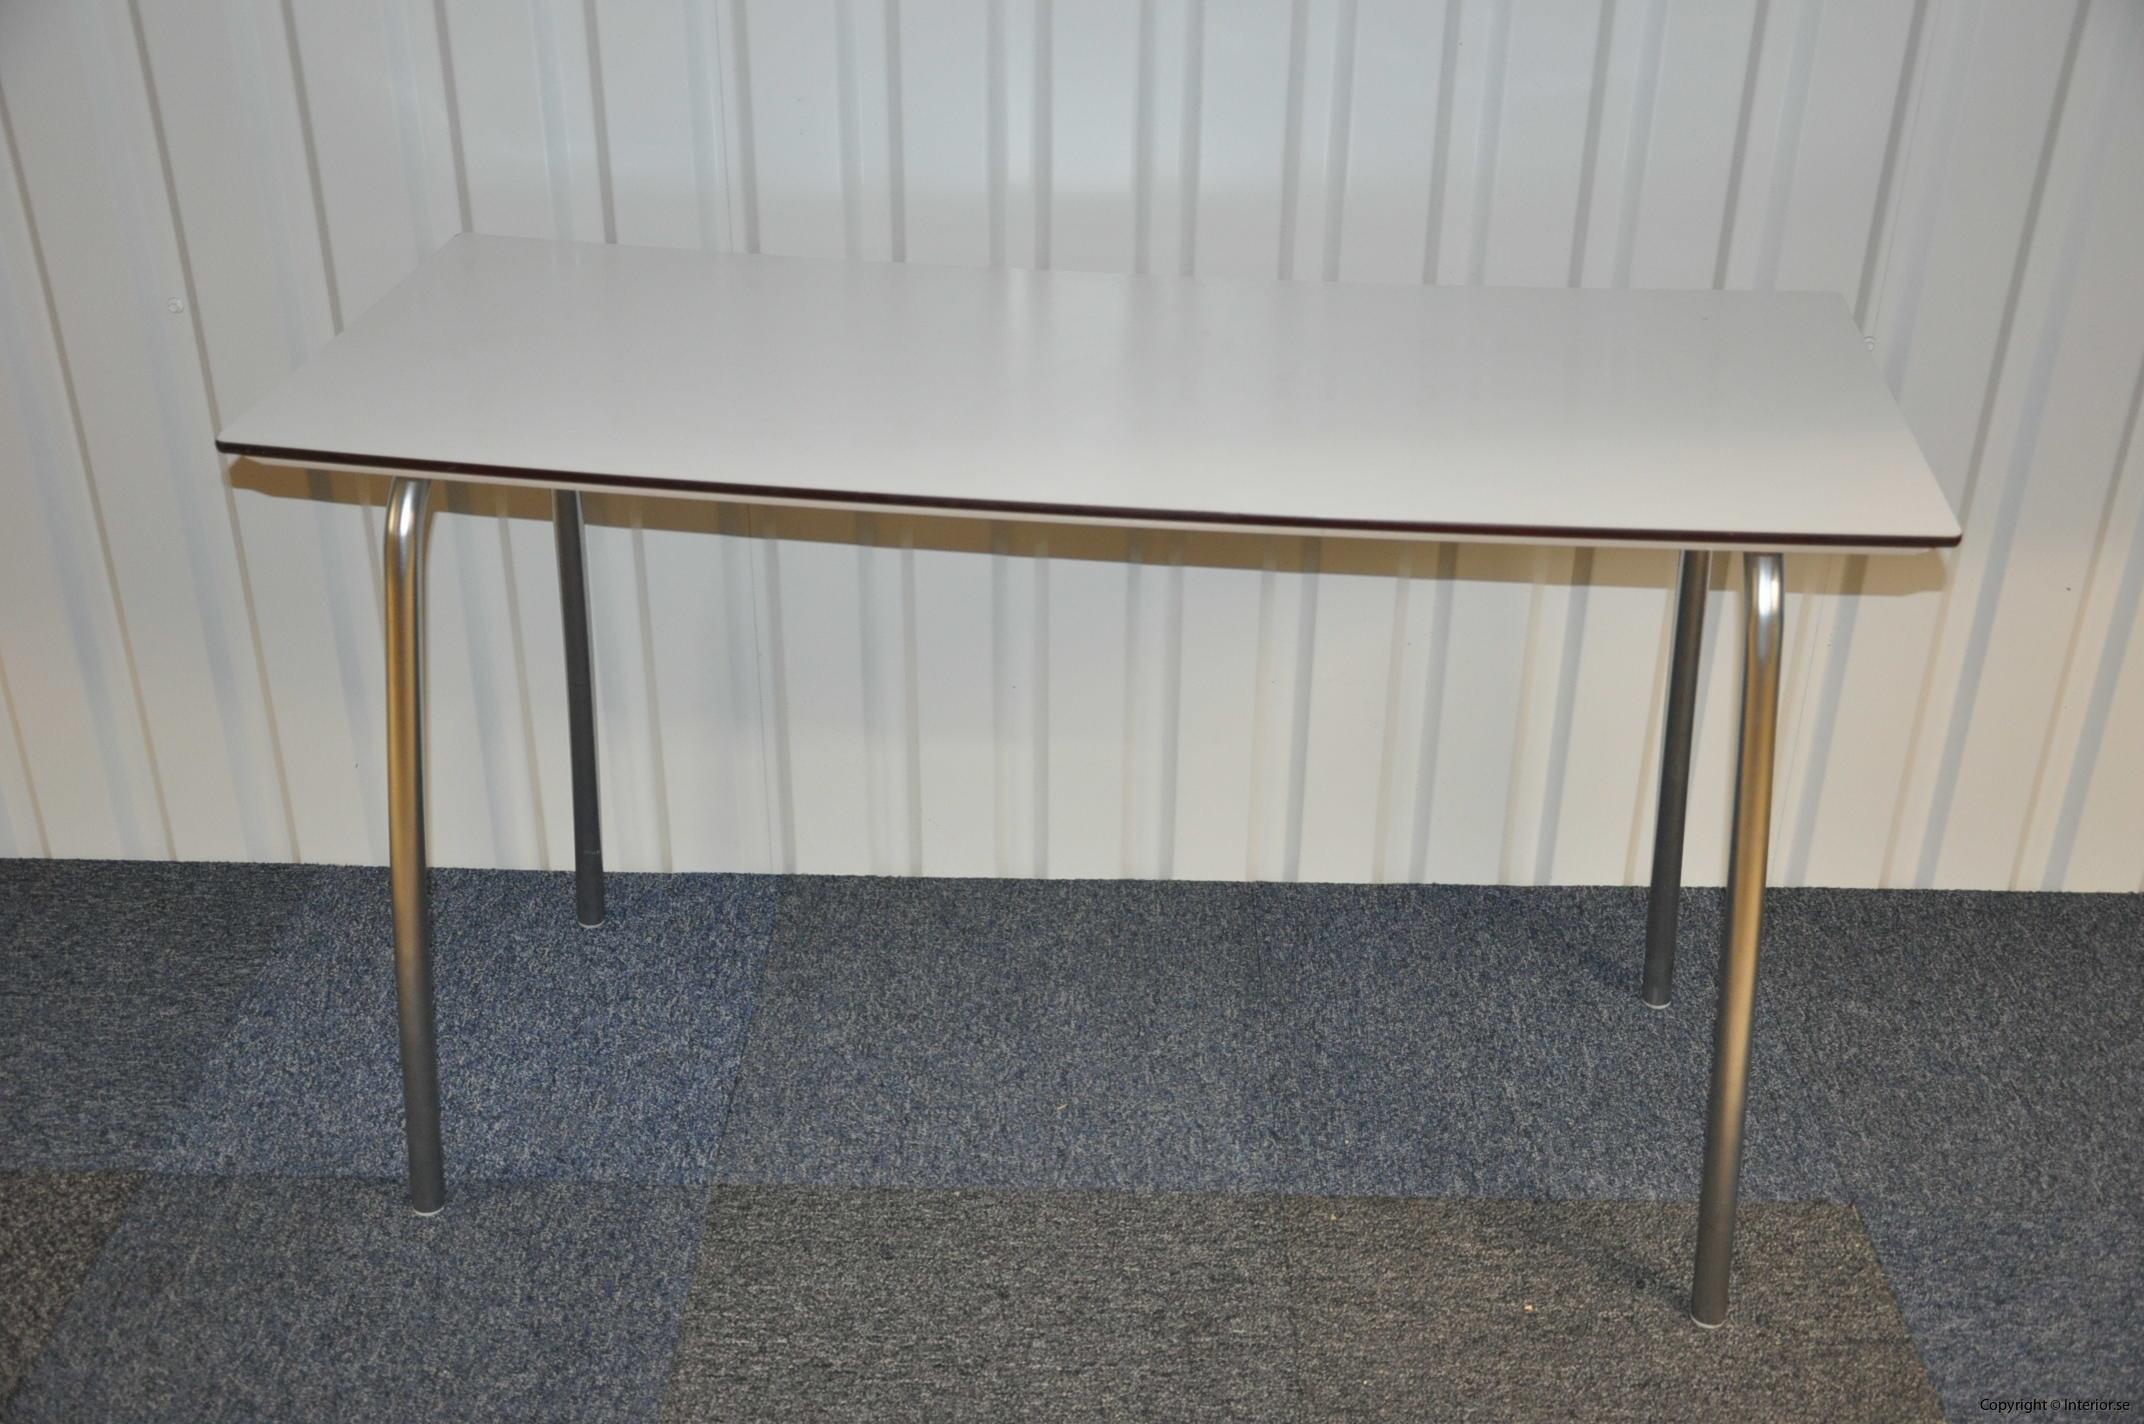 Hopfällbara bord, fällbara konferensbord, vit laminat 120 x 70 cm (3)